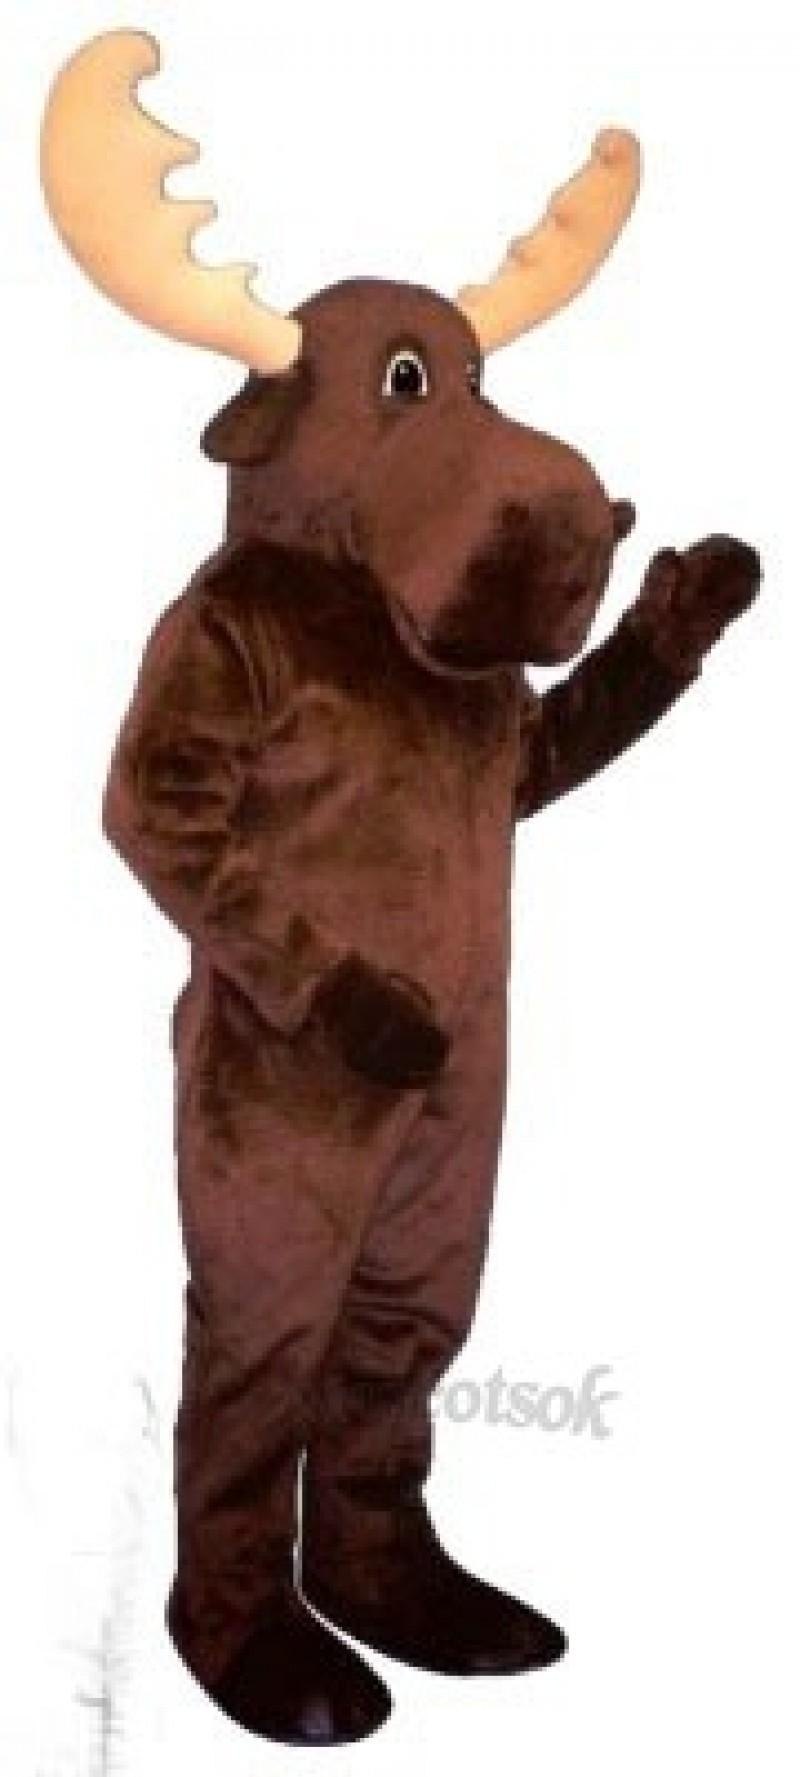 Cute Bull Moose Mascot Costume